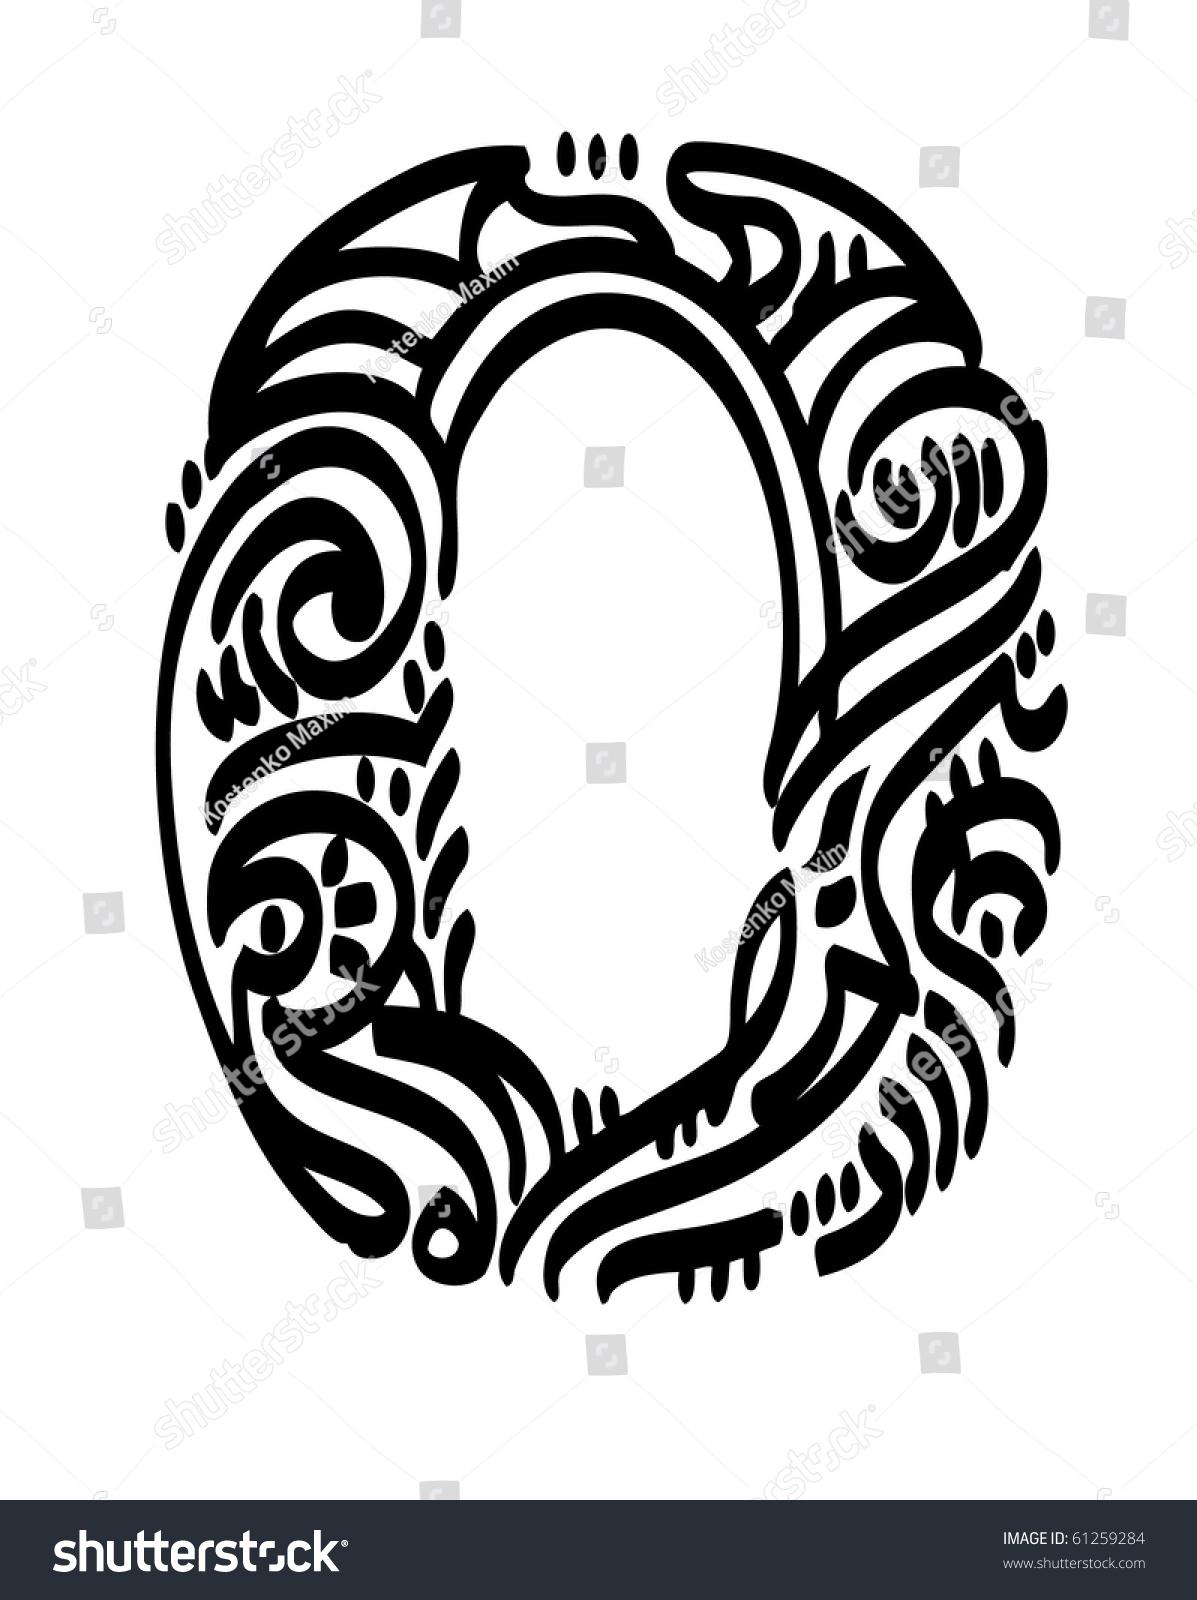 Zero vector illustration calligraphy